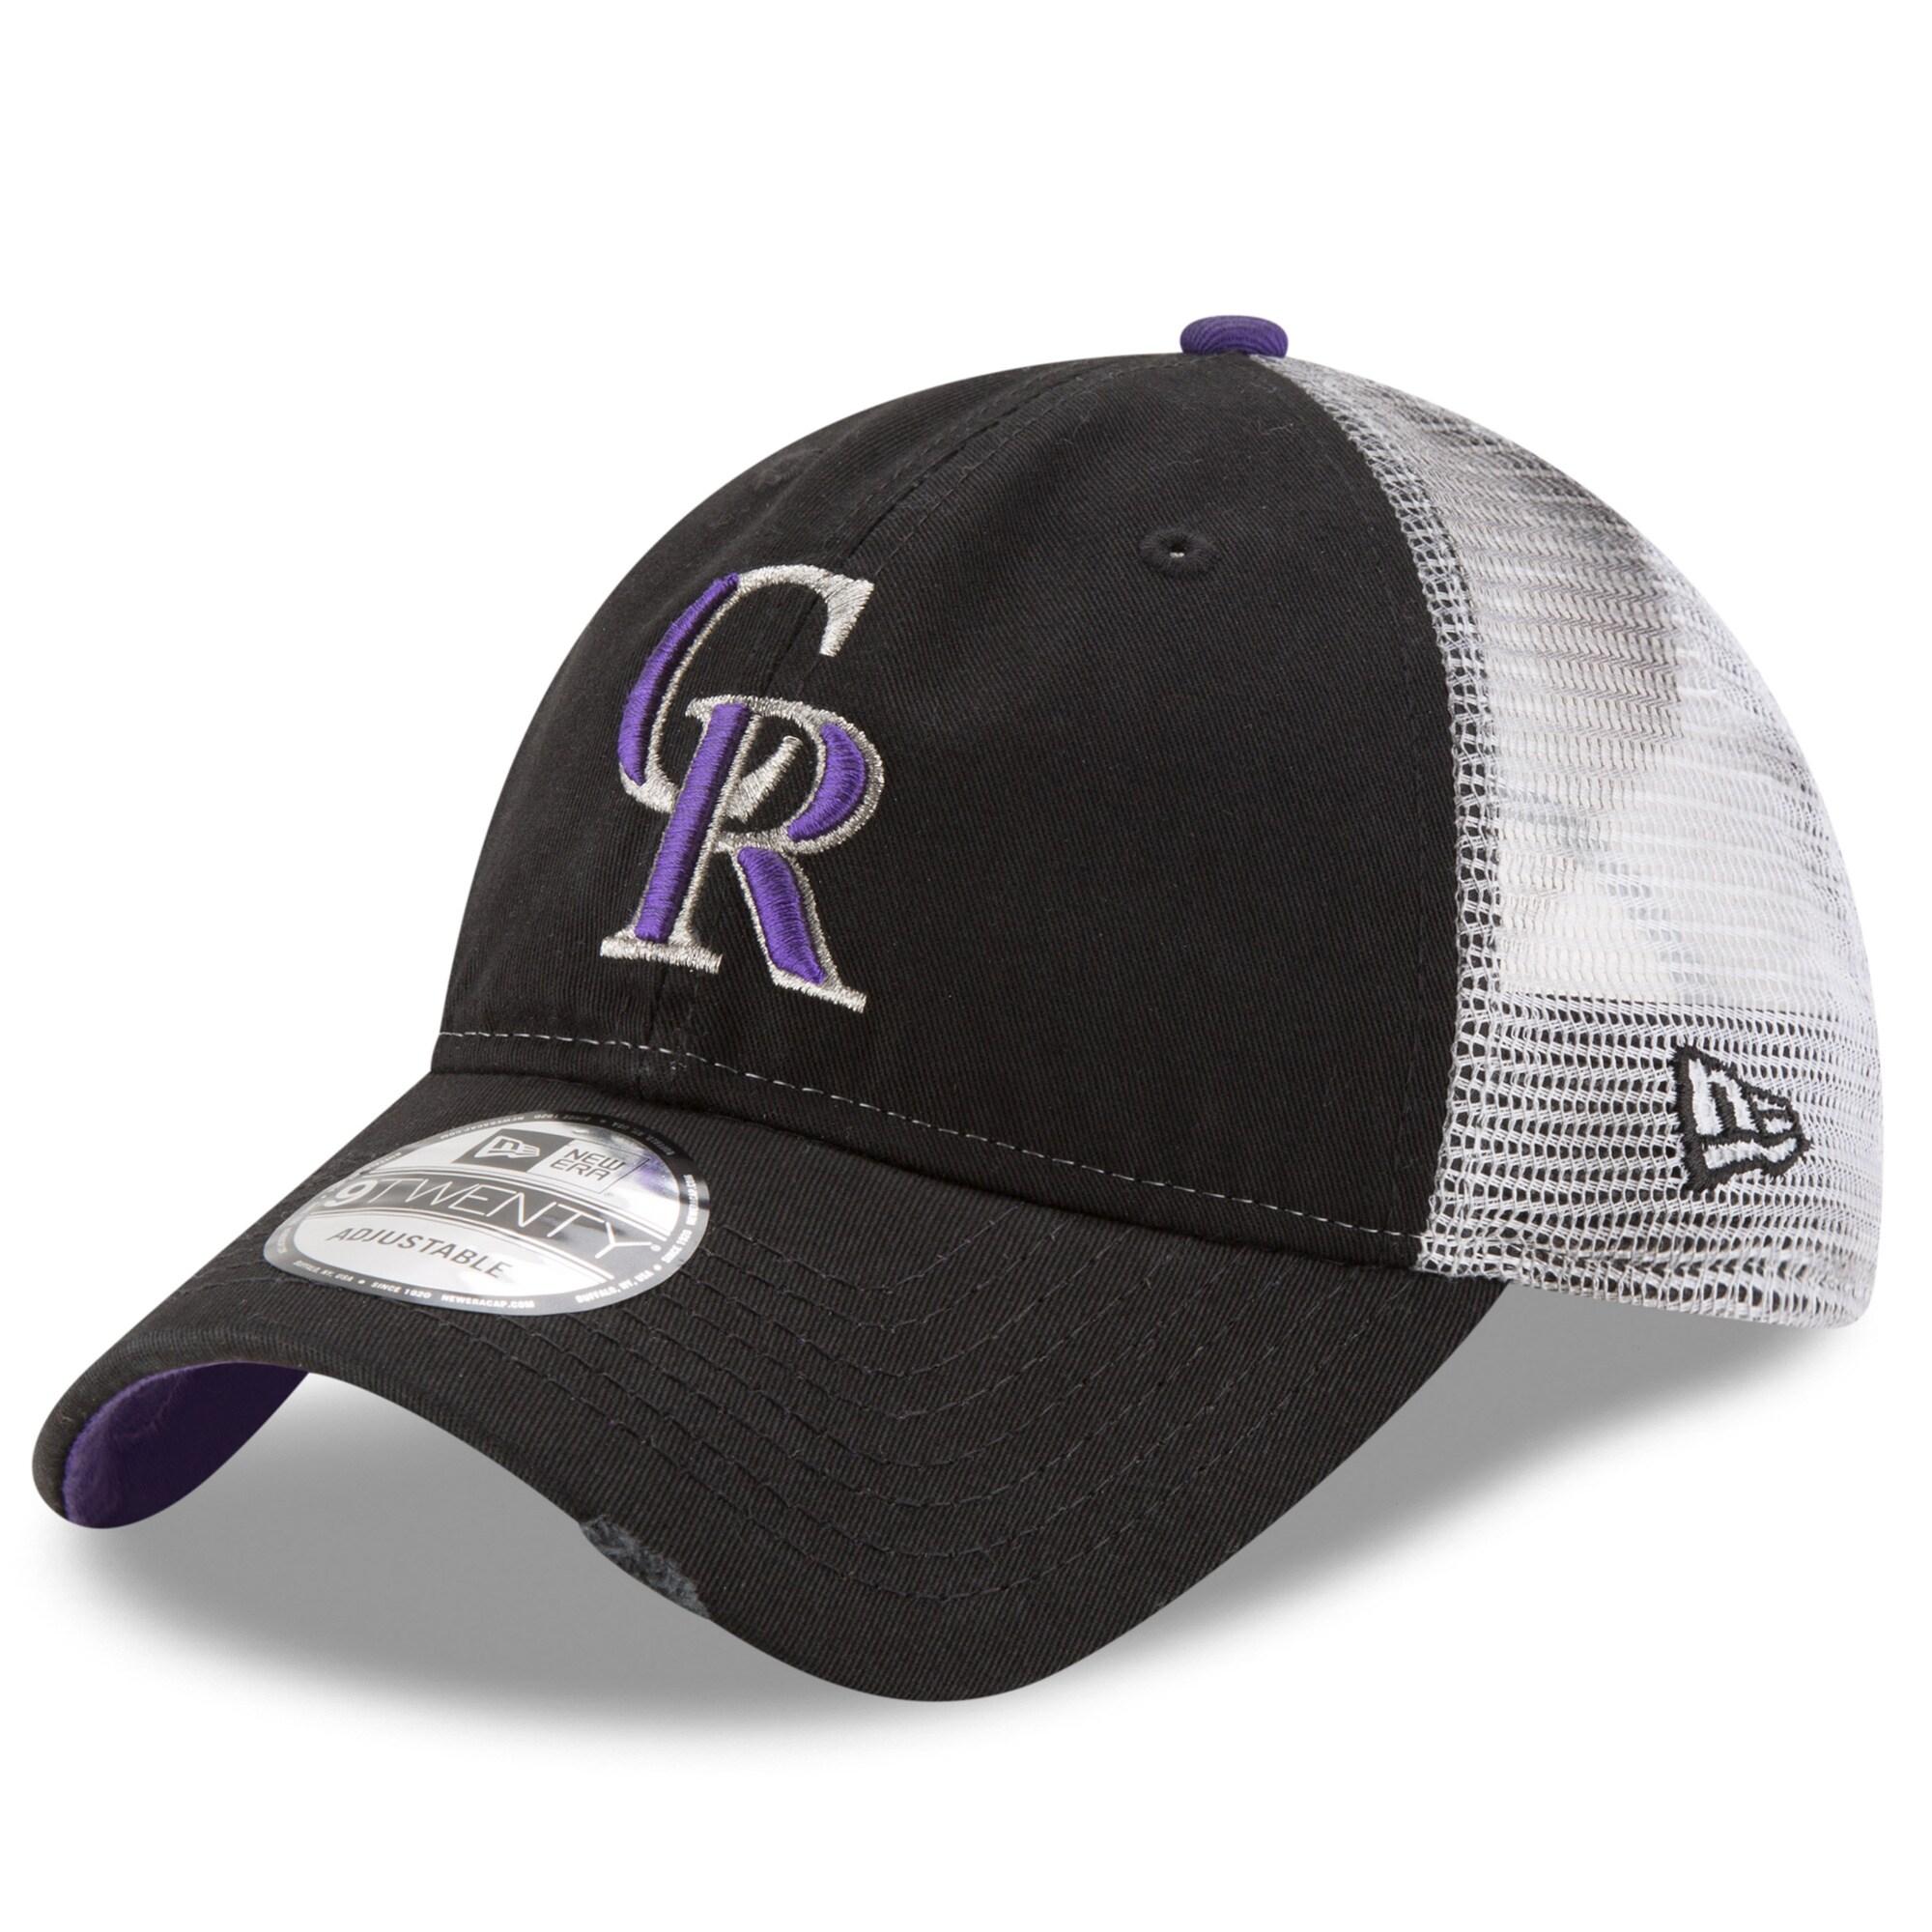 Colorado Rockies New Era Team Rustic 9TWENTY Adjustable Hat - Black